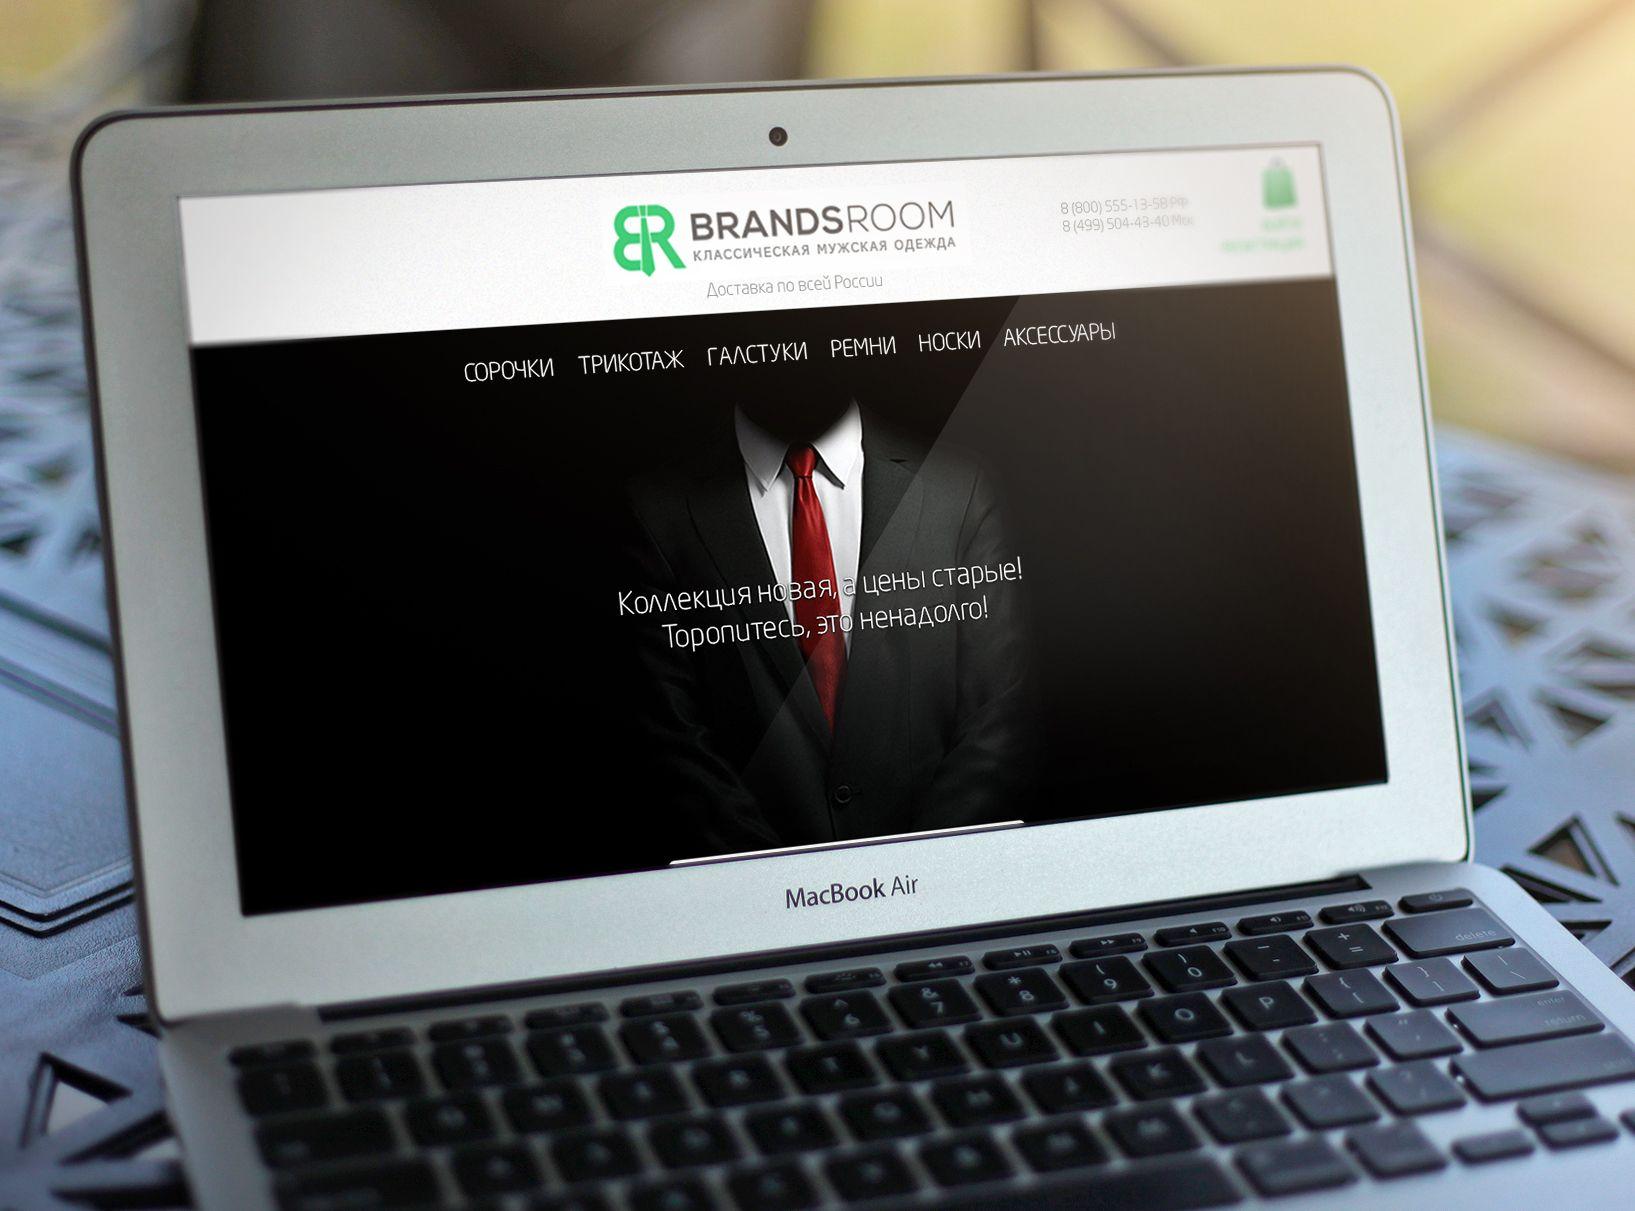 Редизайн главной страницы интернет-магазина - дизайнер BohdanSolovey